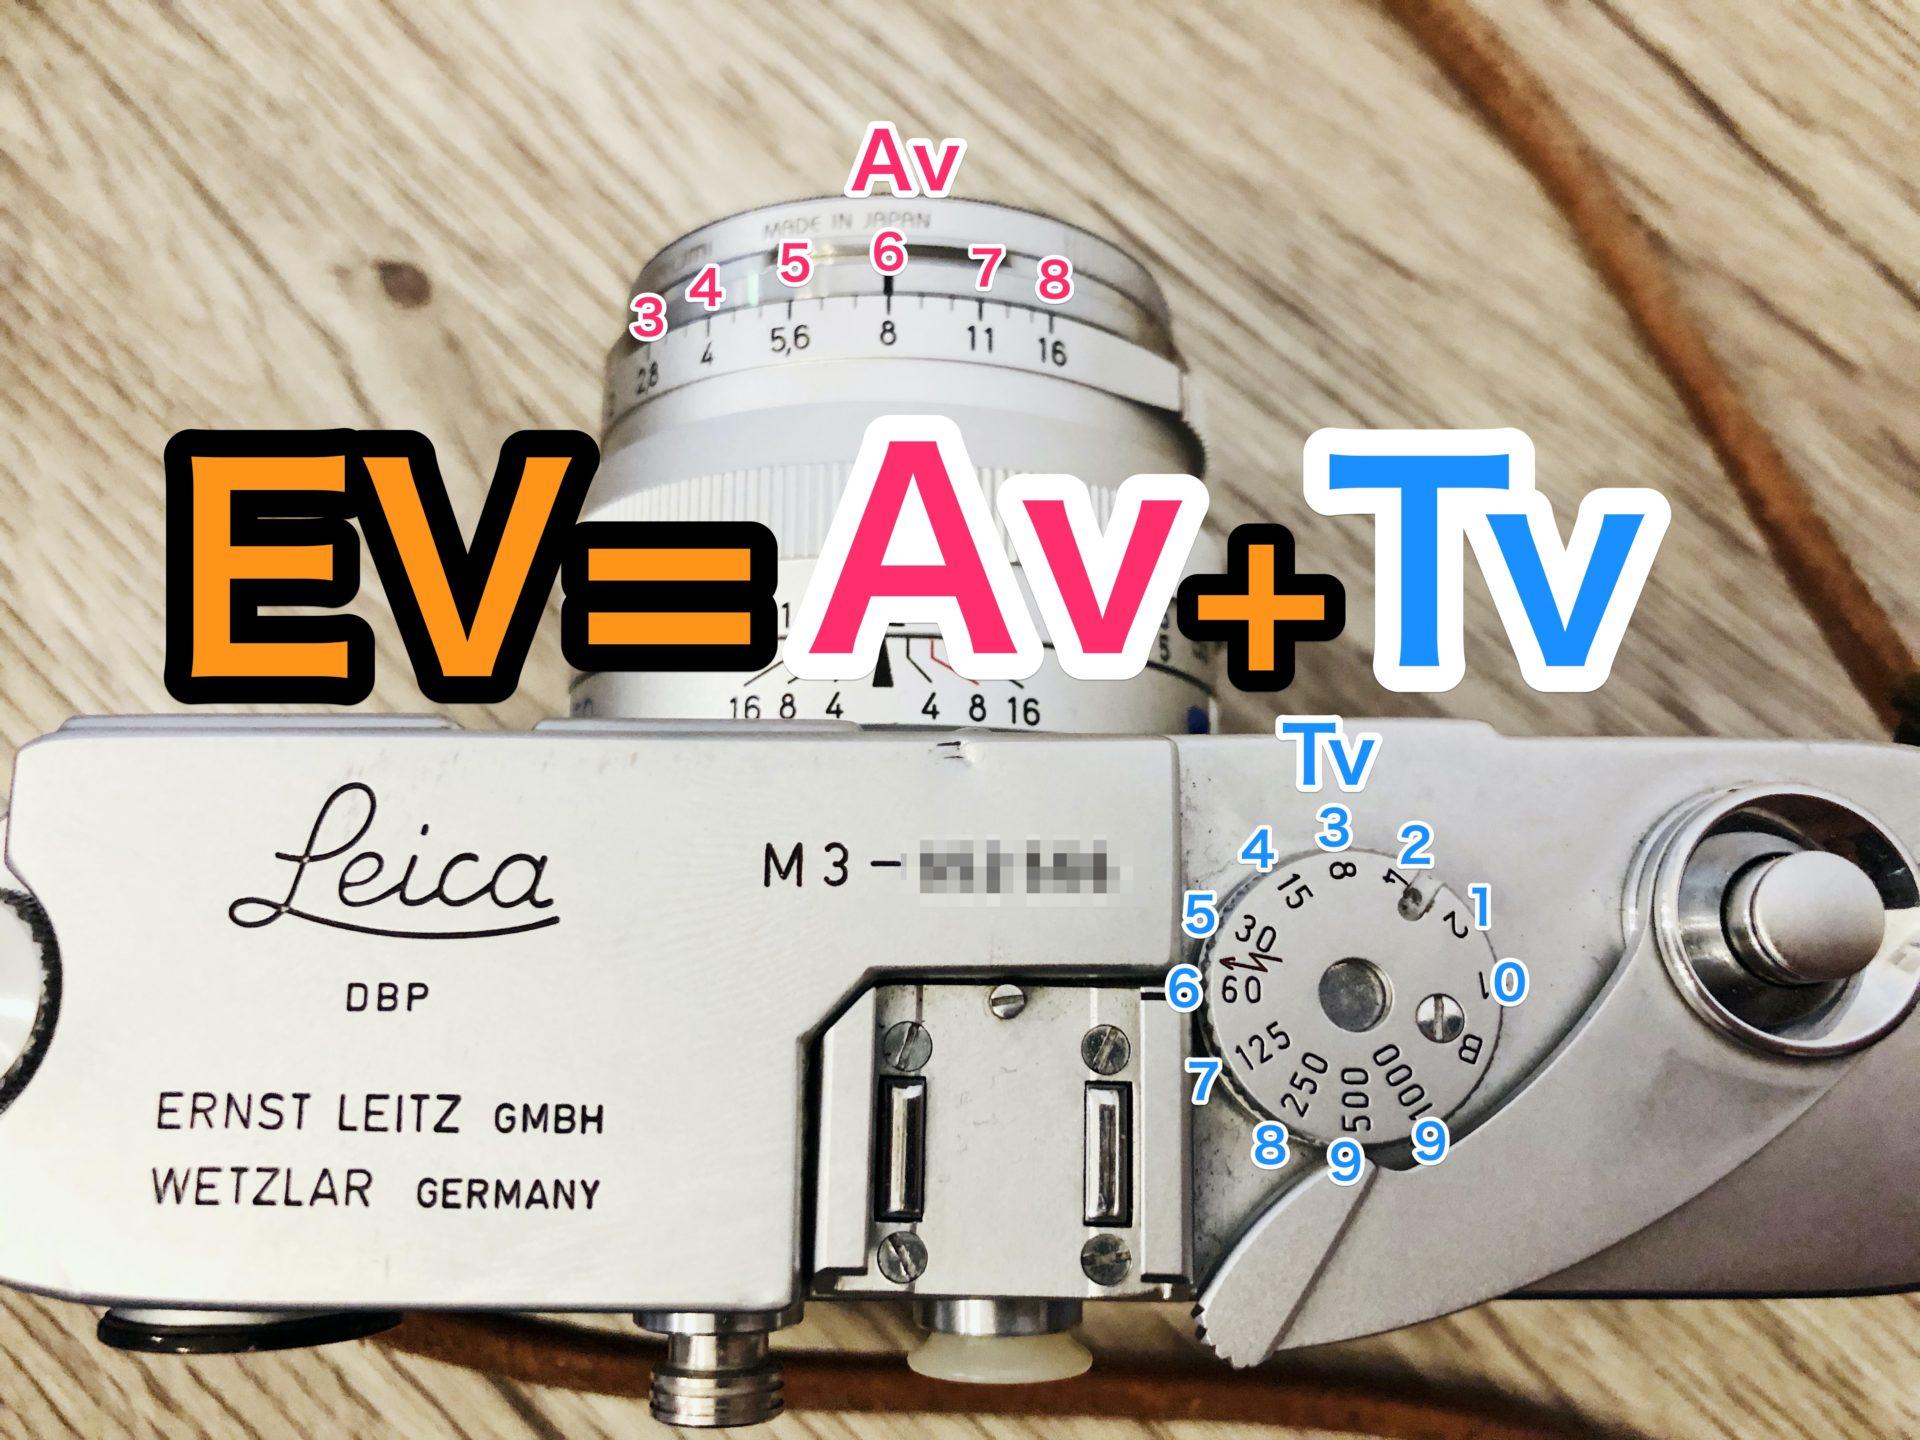 カメラを見ながら簡単に計算できる。露出、EV値と絞り、シャッタースピード、ISOの仕組みについて